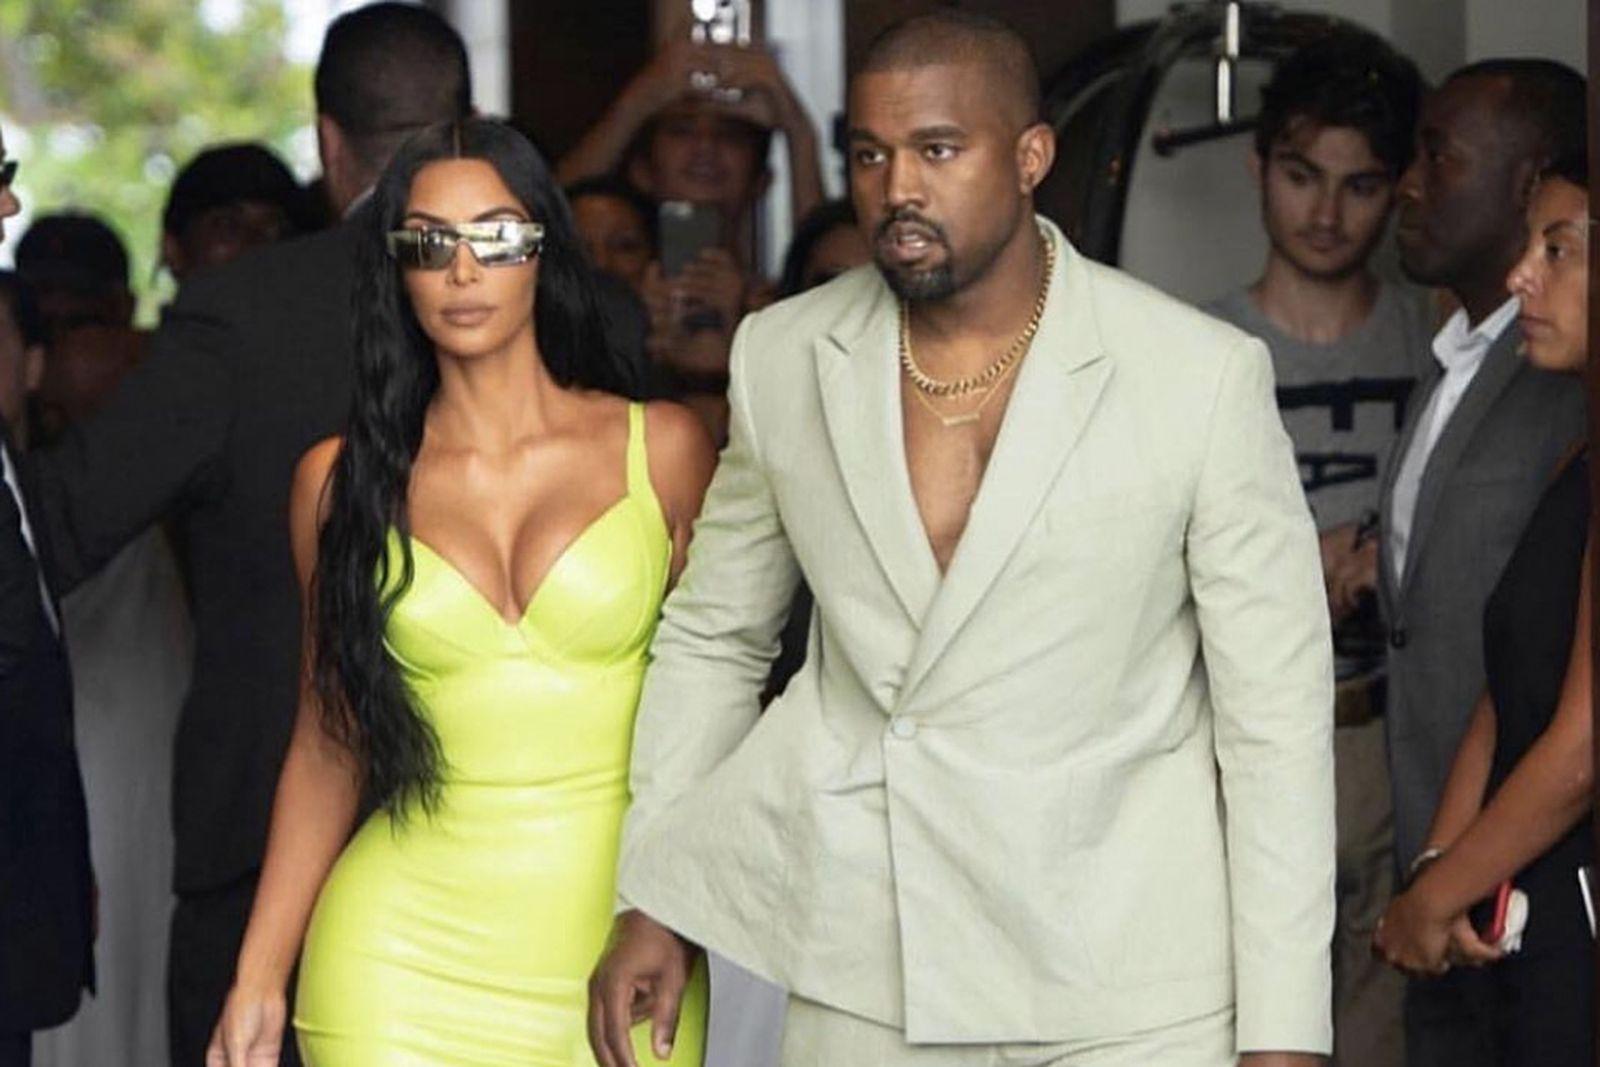 kanye west lv suit twitter 2 chainz Louis Vuitton virgil abloh